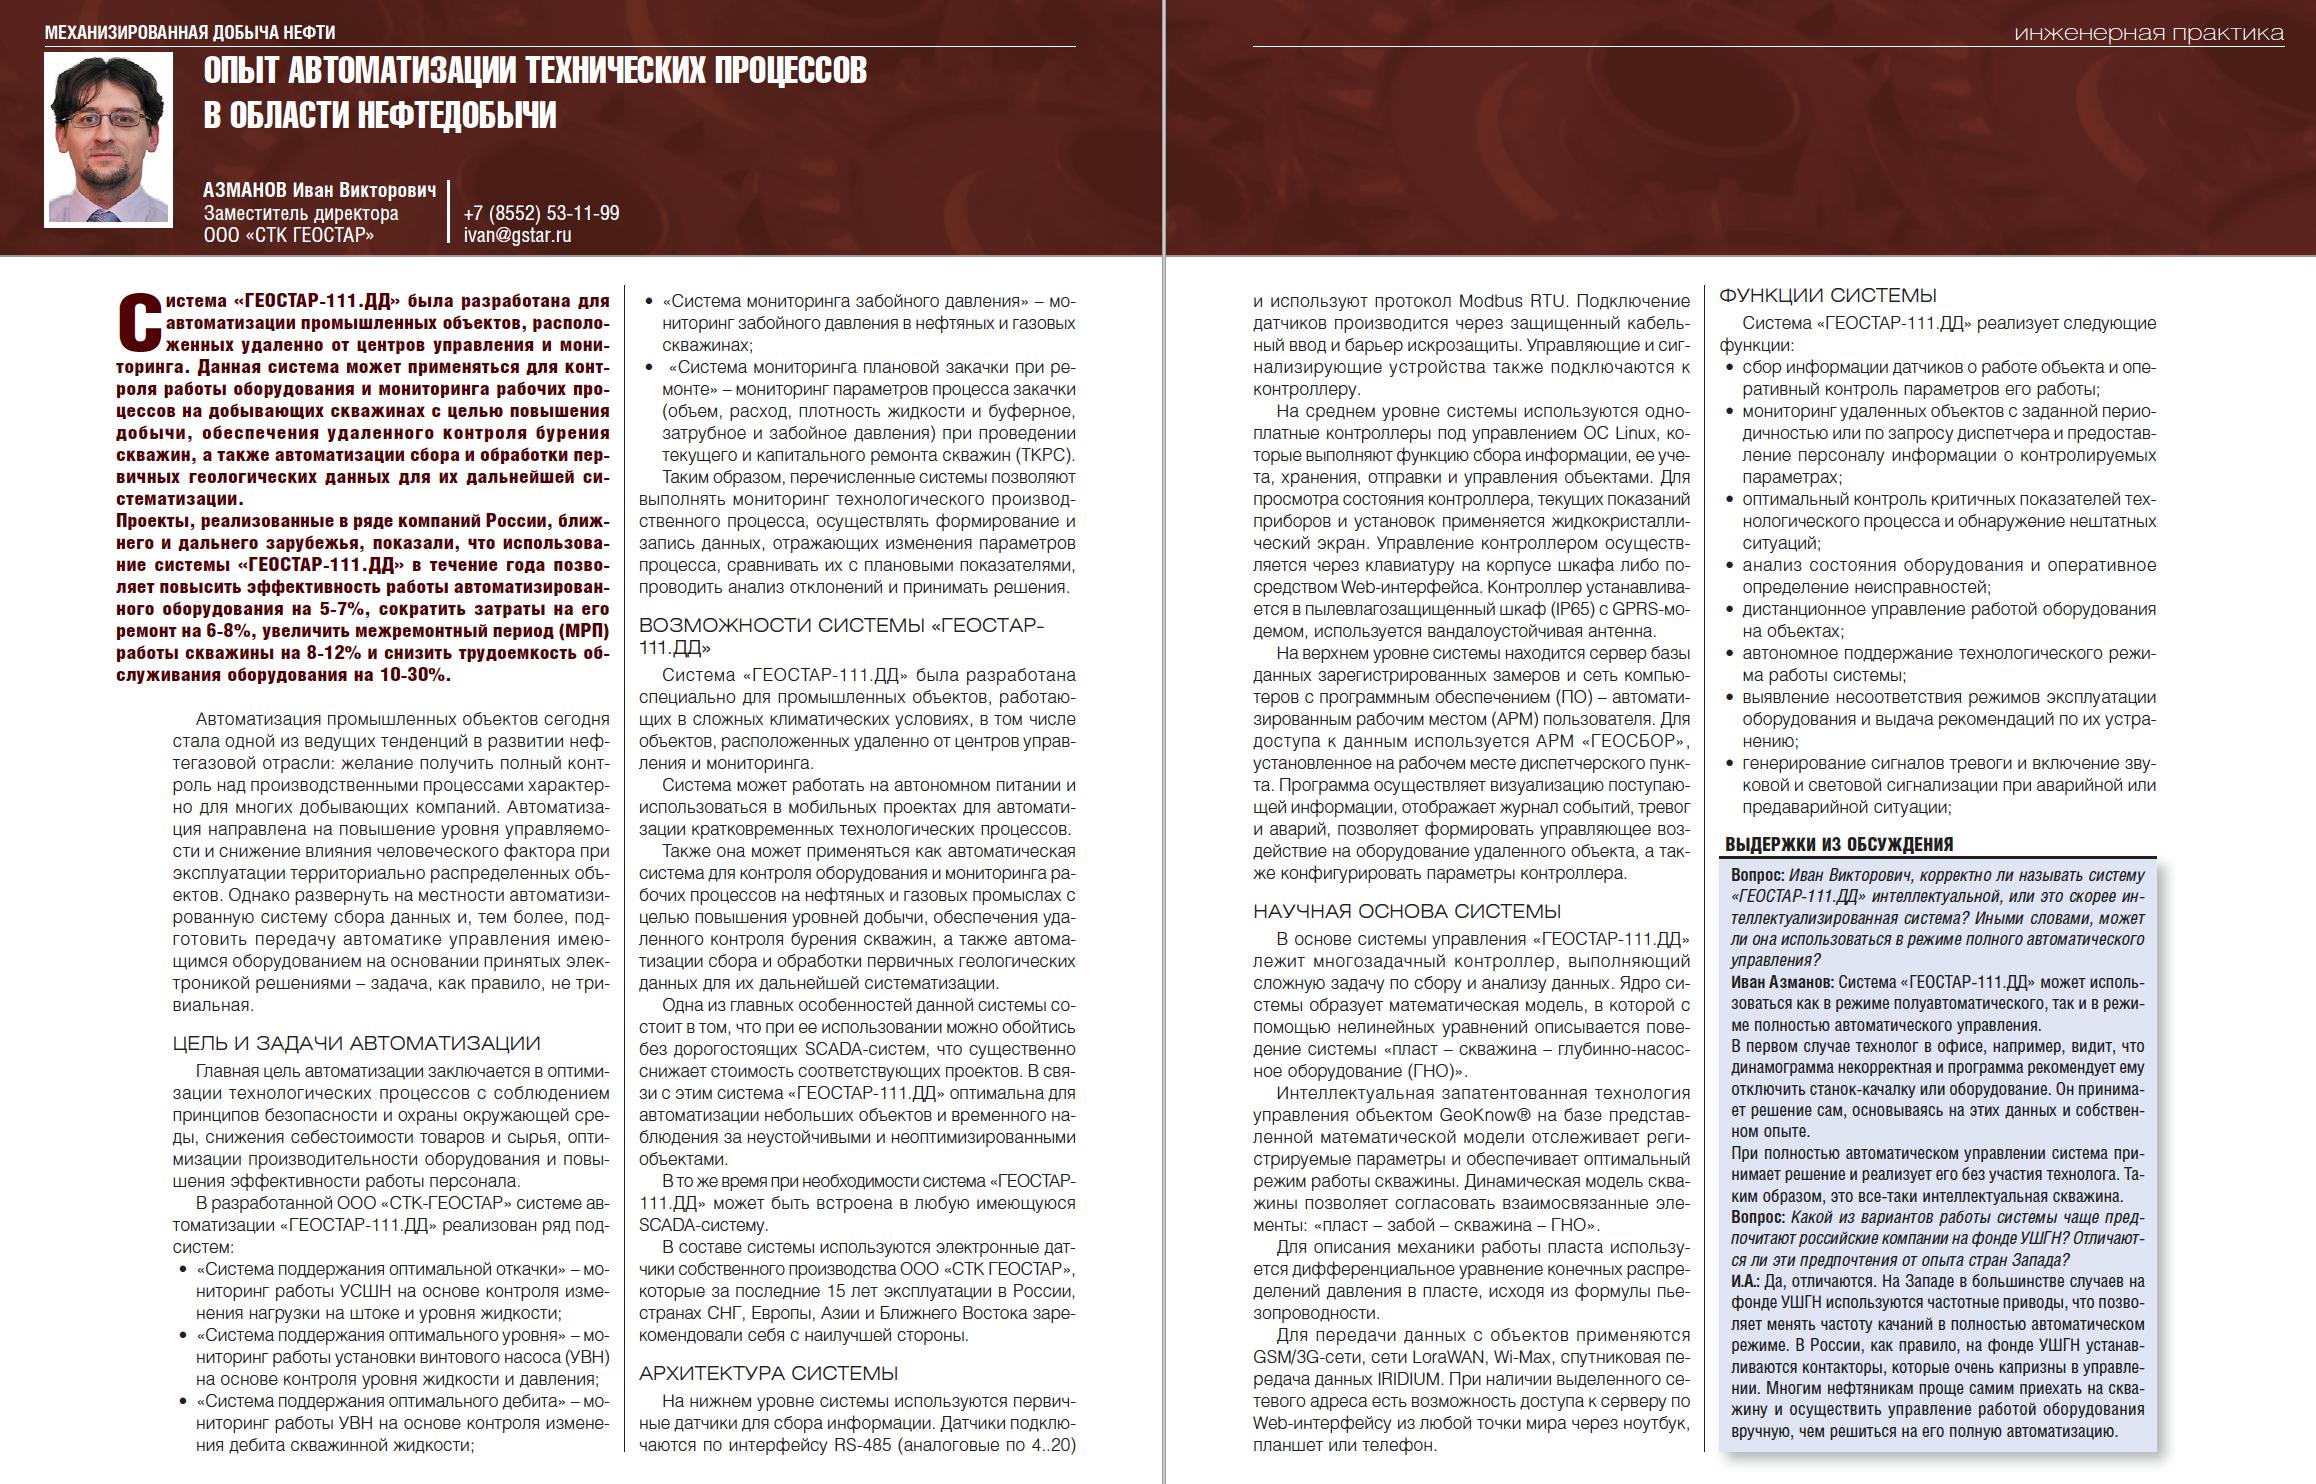 31558 Опыт автоматизации технических процессов в области нефтедобычи